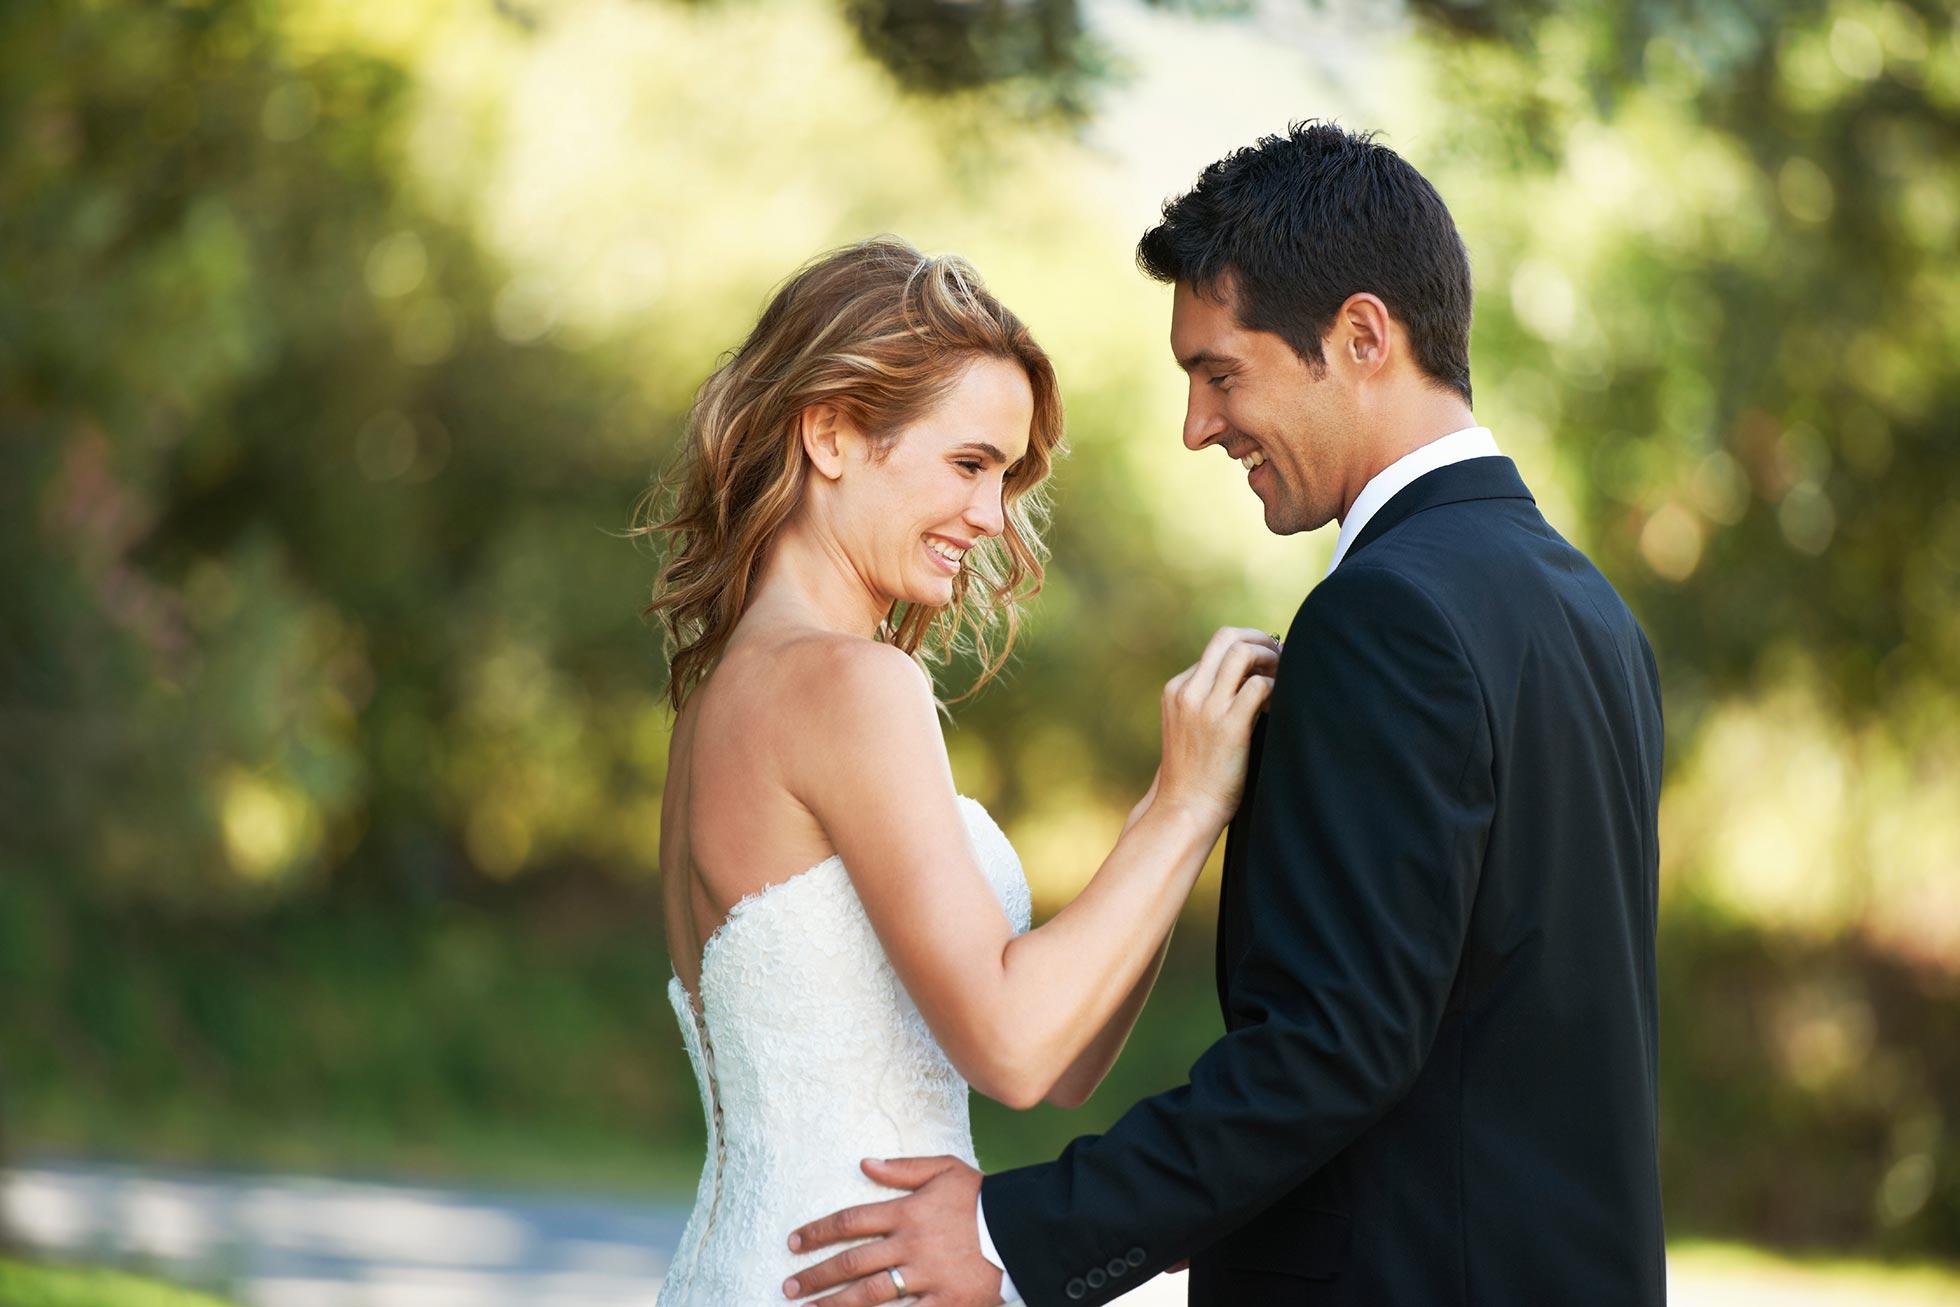 matrimonio coppie omosessuali Catania